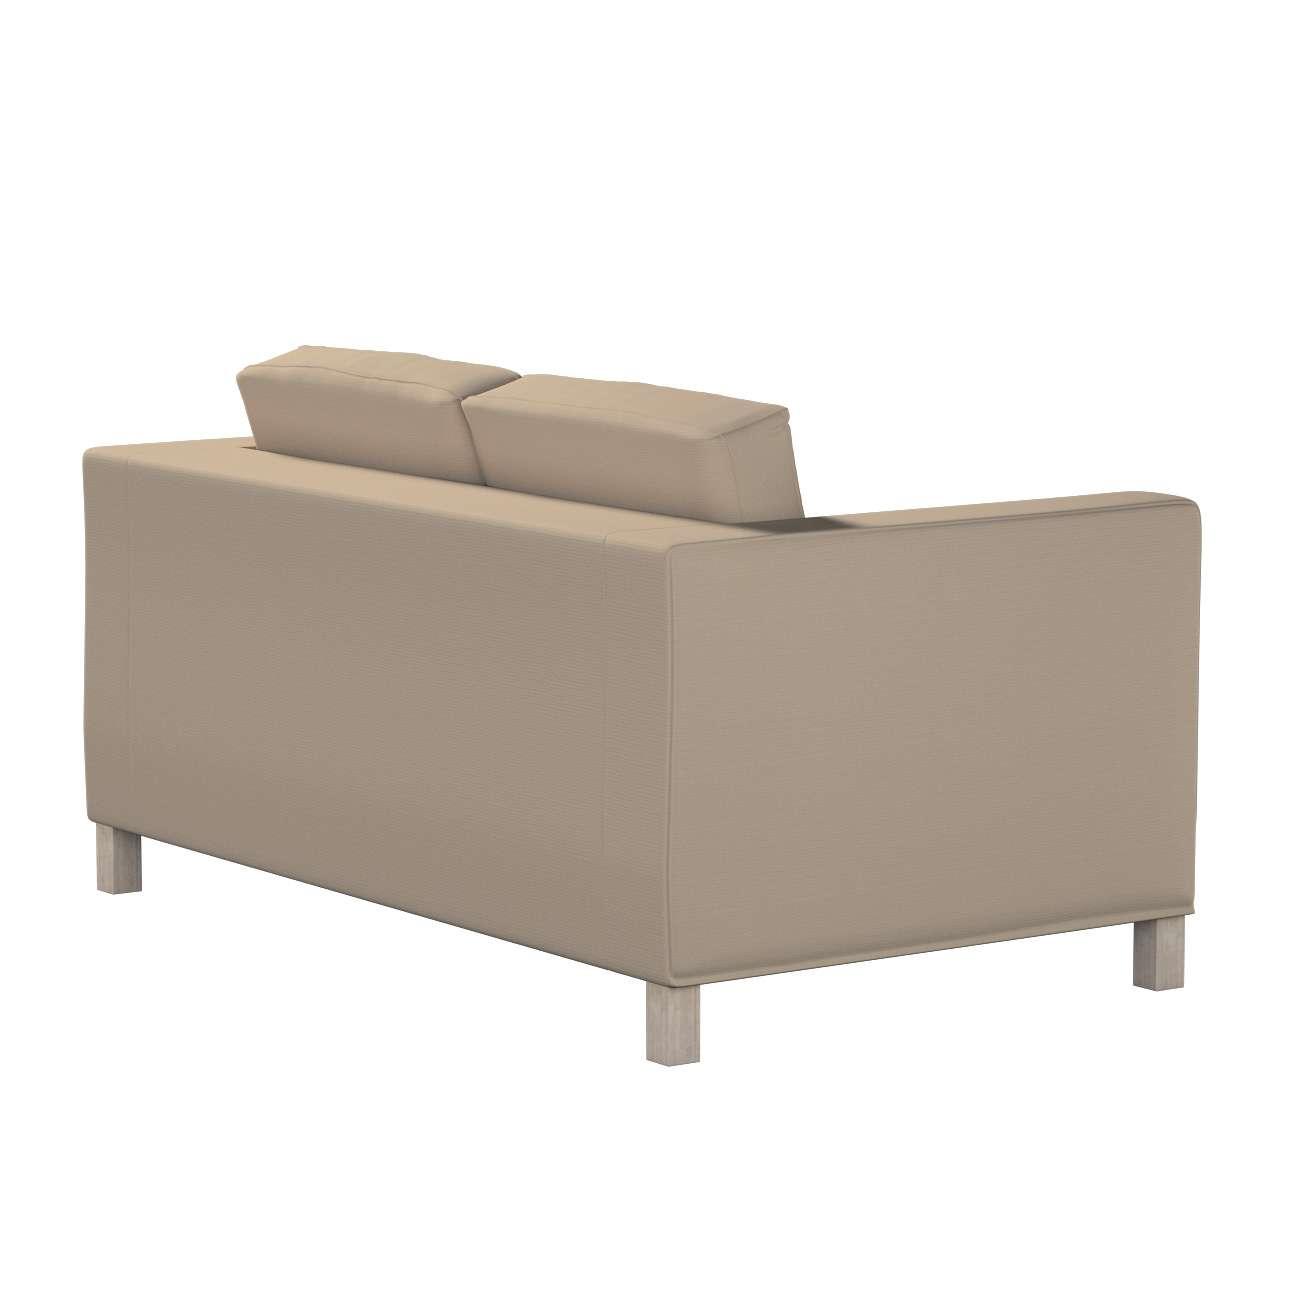 Karlanda 2-Sitzer Sofabezug nicht ausklappbar kurz von der Kollektion Cotton Panama, Stoff: 702-28